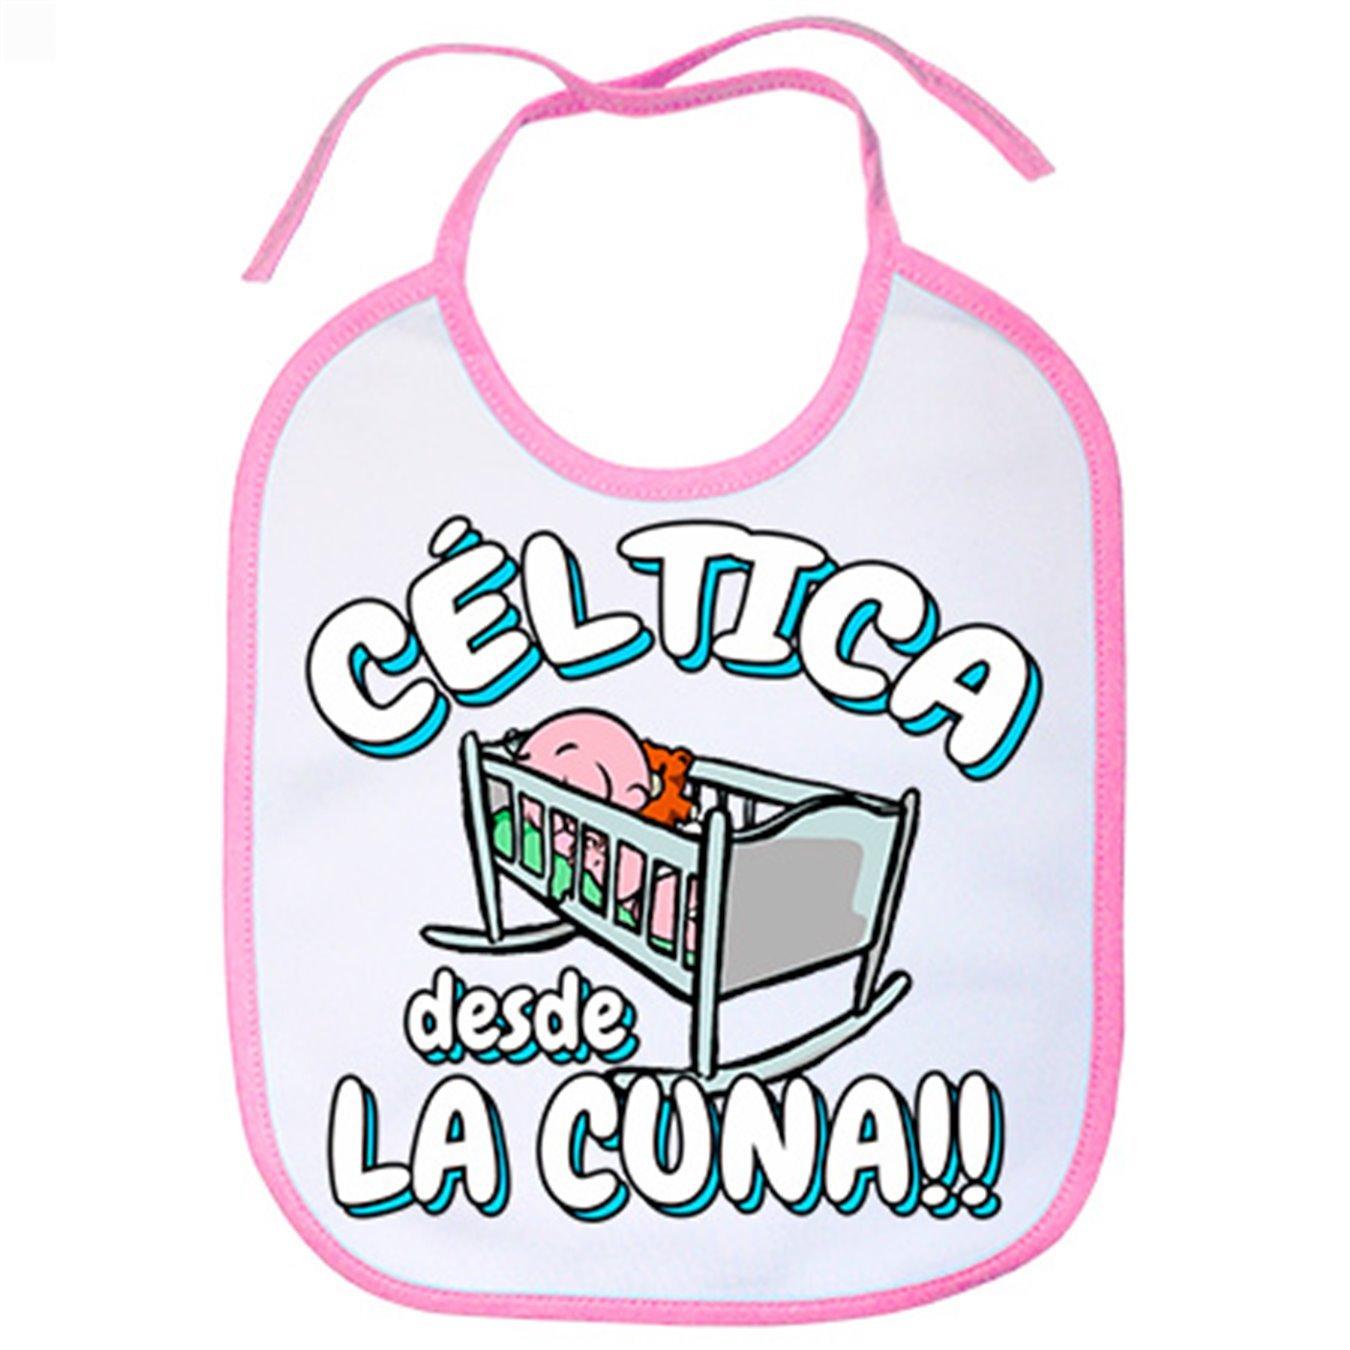 Babero Céltica desde la cuna Celta Vigo fútbol - Celeste: Amazon.es: Bebé